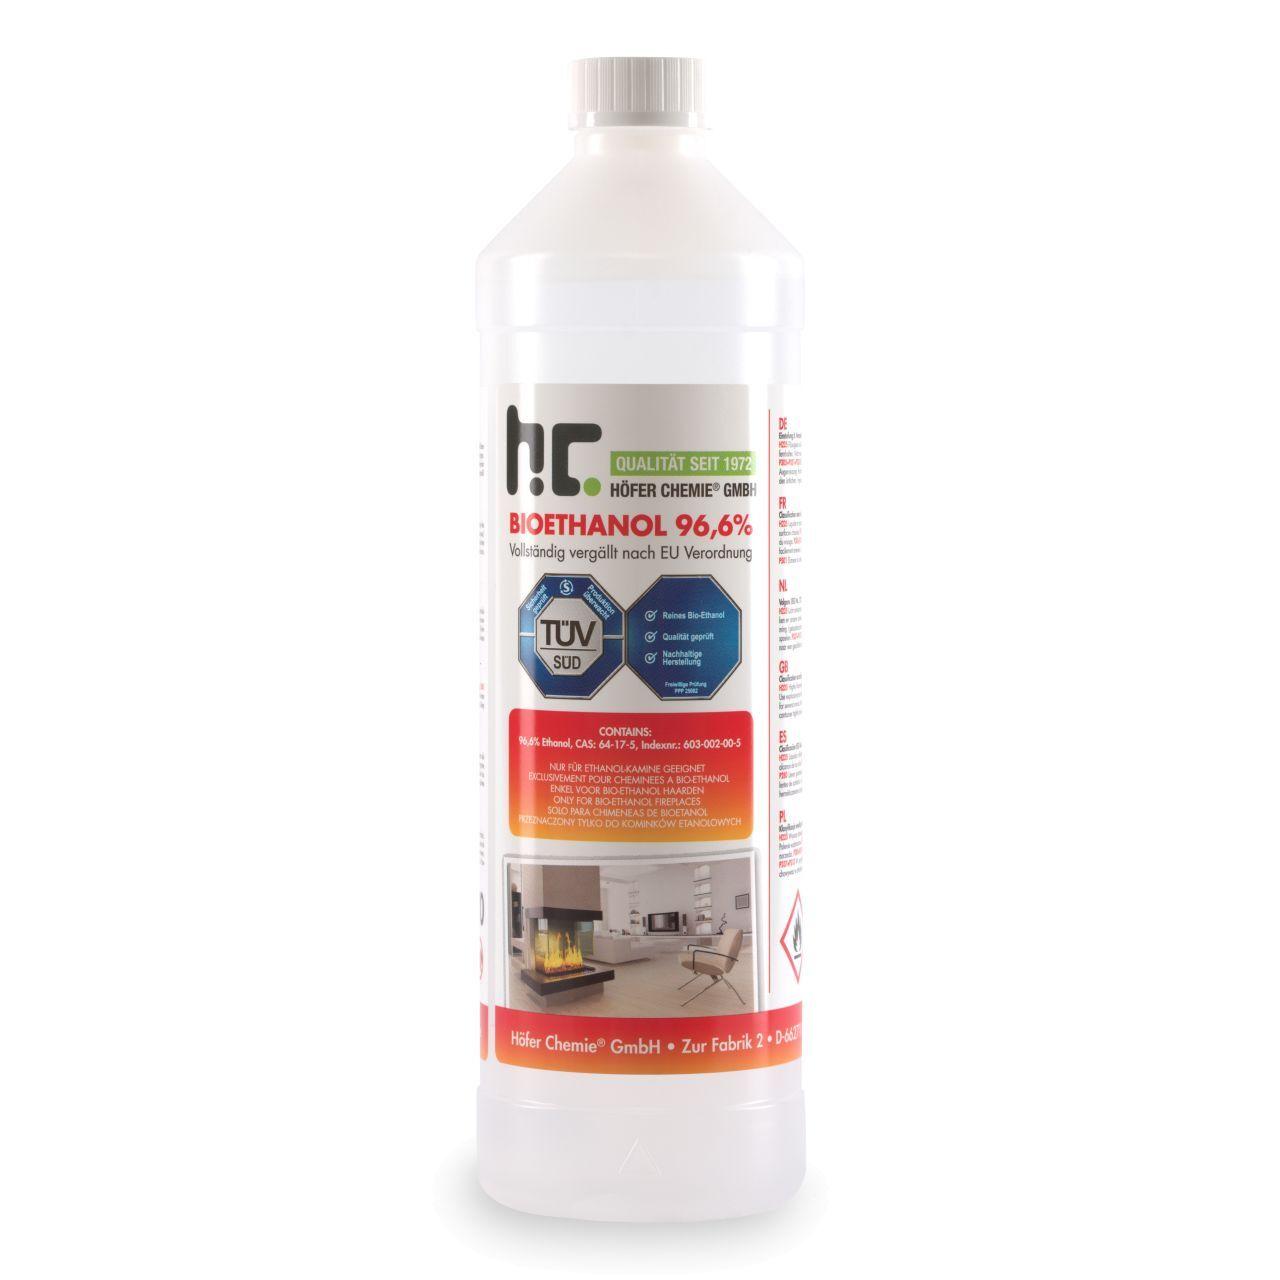 Höfer Chemie 90 l Bioéthanol à 96,6% en bouteilles de 1 l (90 x 1 l)